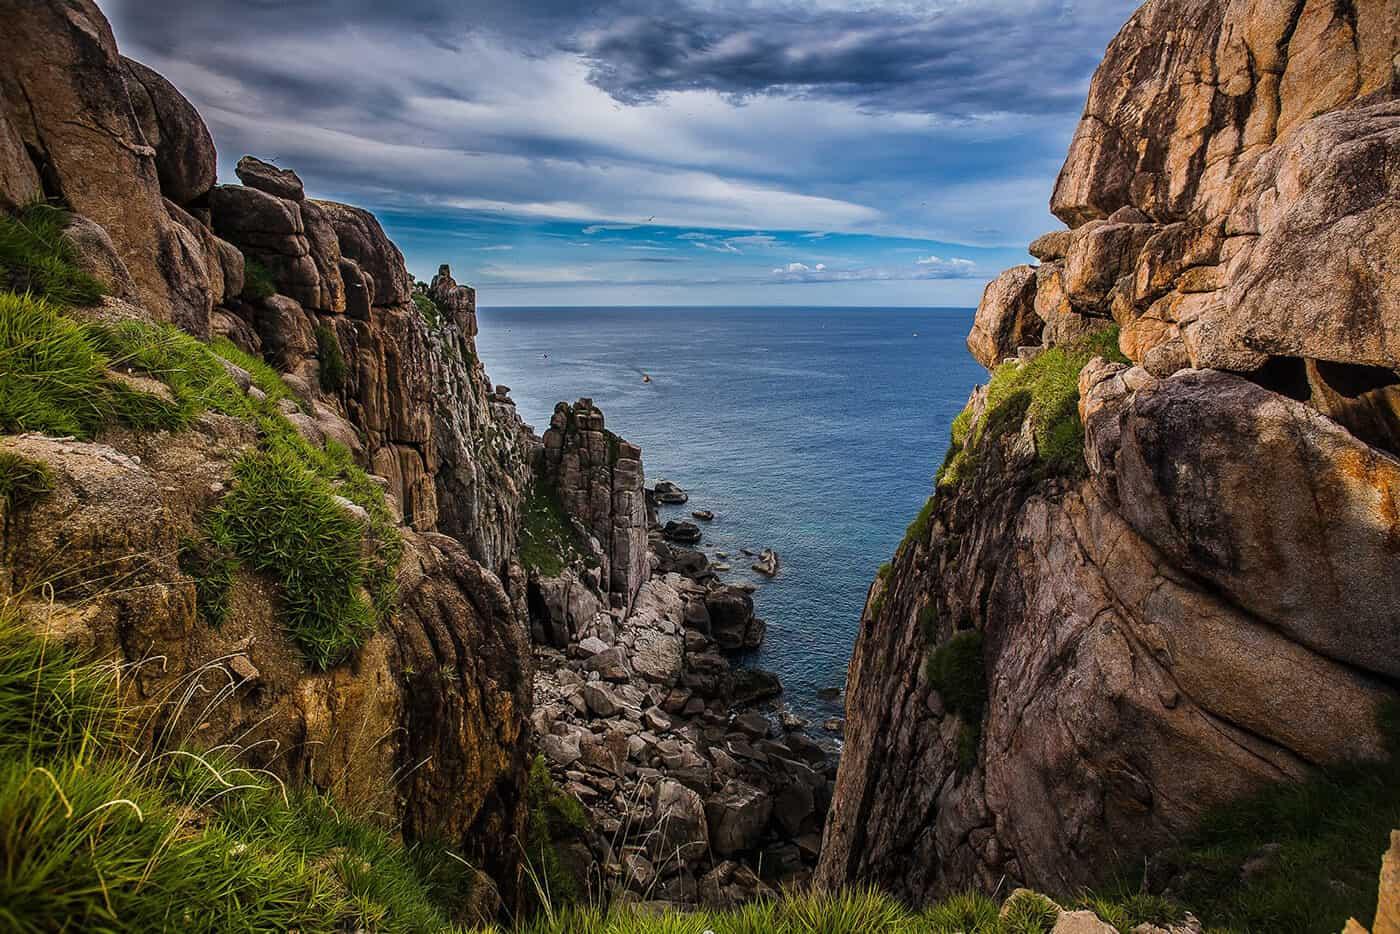 binhdang.me travel landscape rz